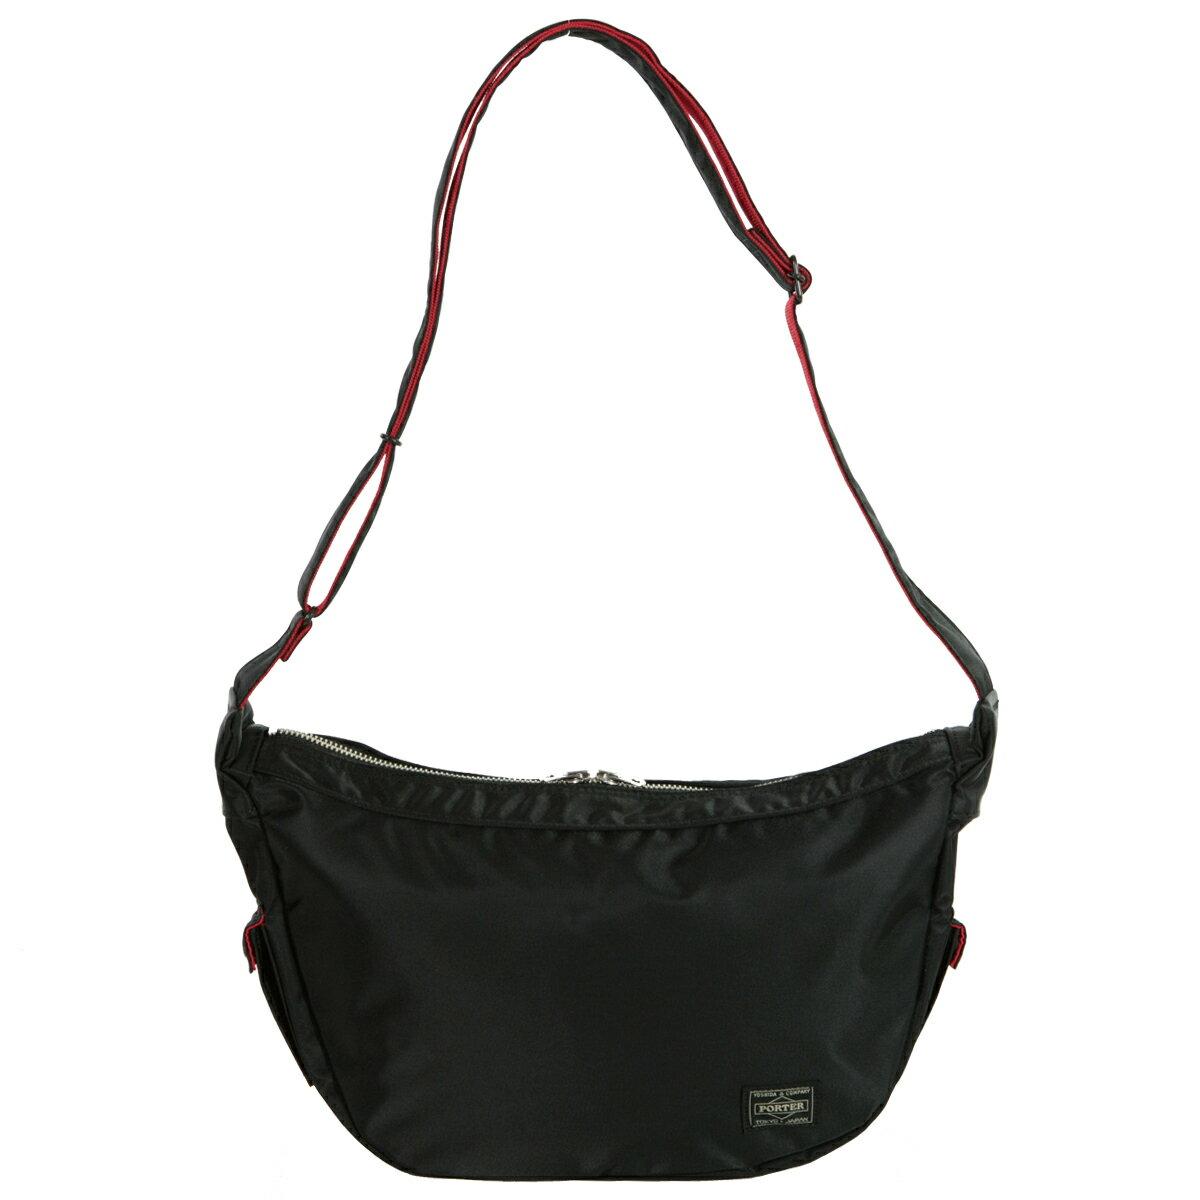 ポーター エルファイン 【PORTER L-fine】 黒赤 赤黒PORTER ILS共同企画 ラウンドショルダーバッグRound Shoulder Bag 【LYD383-...